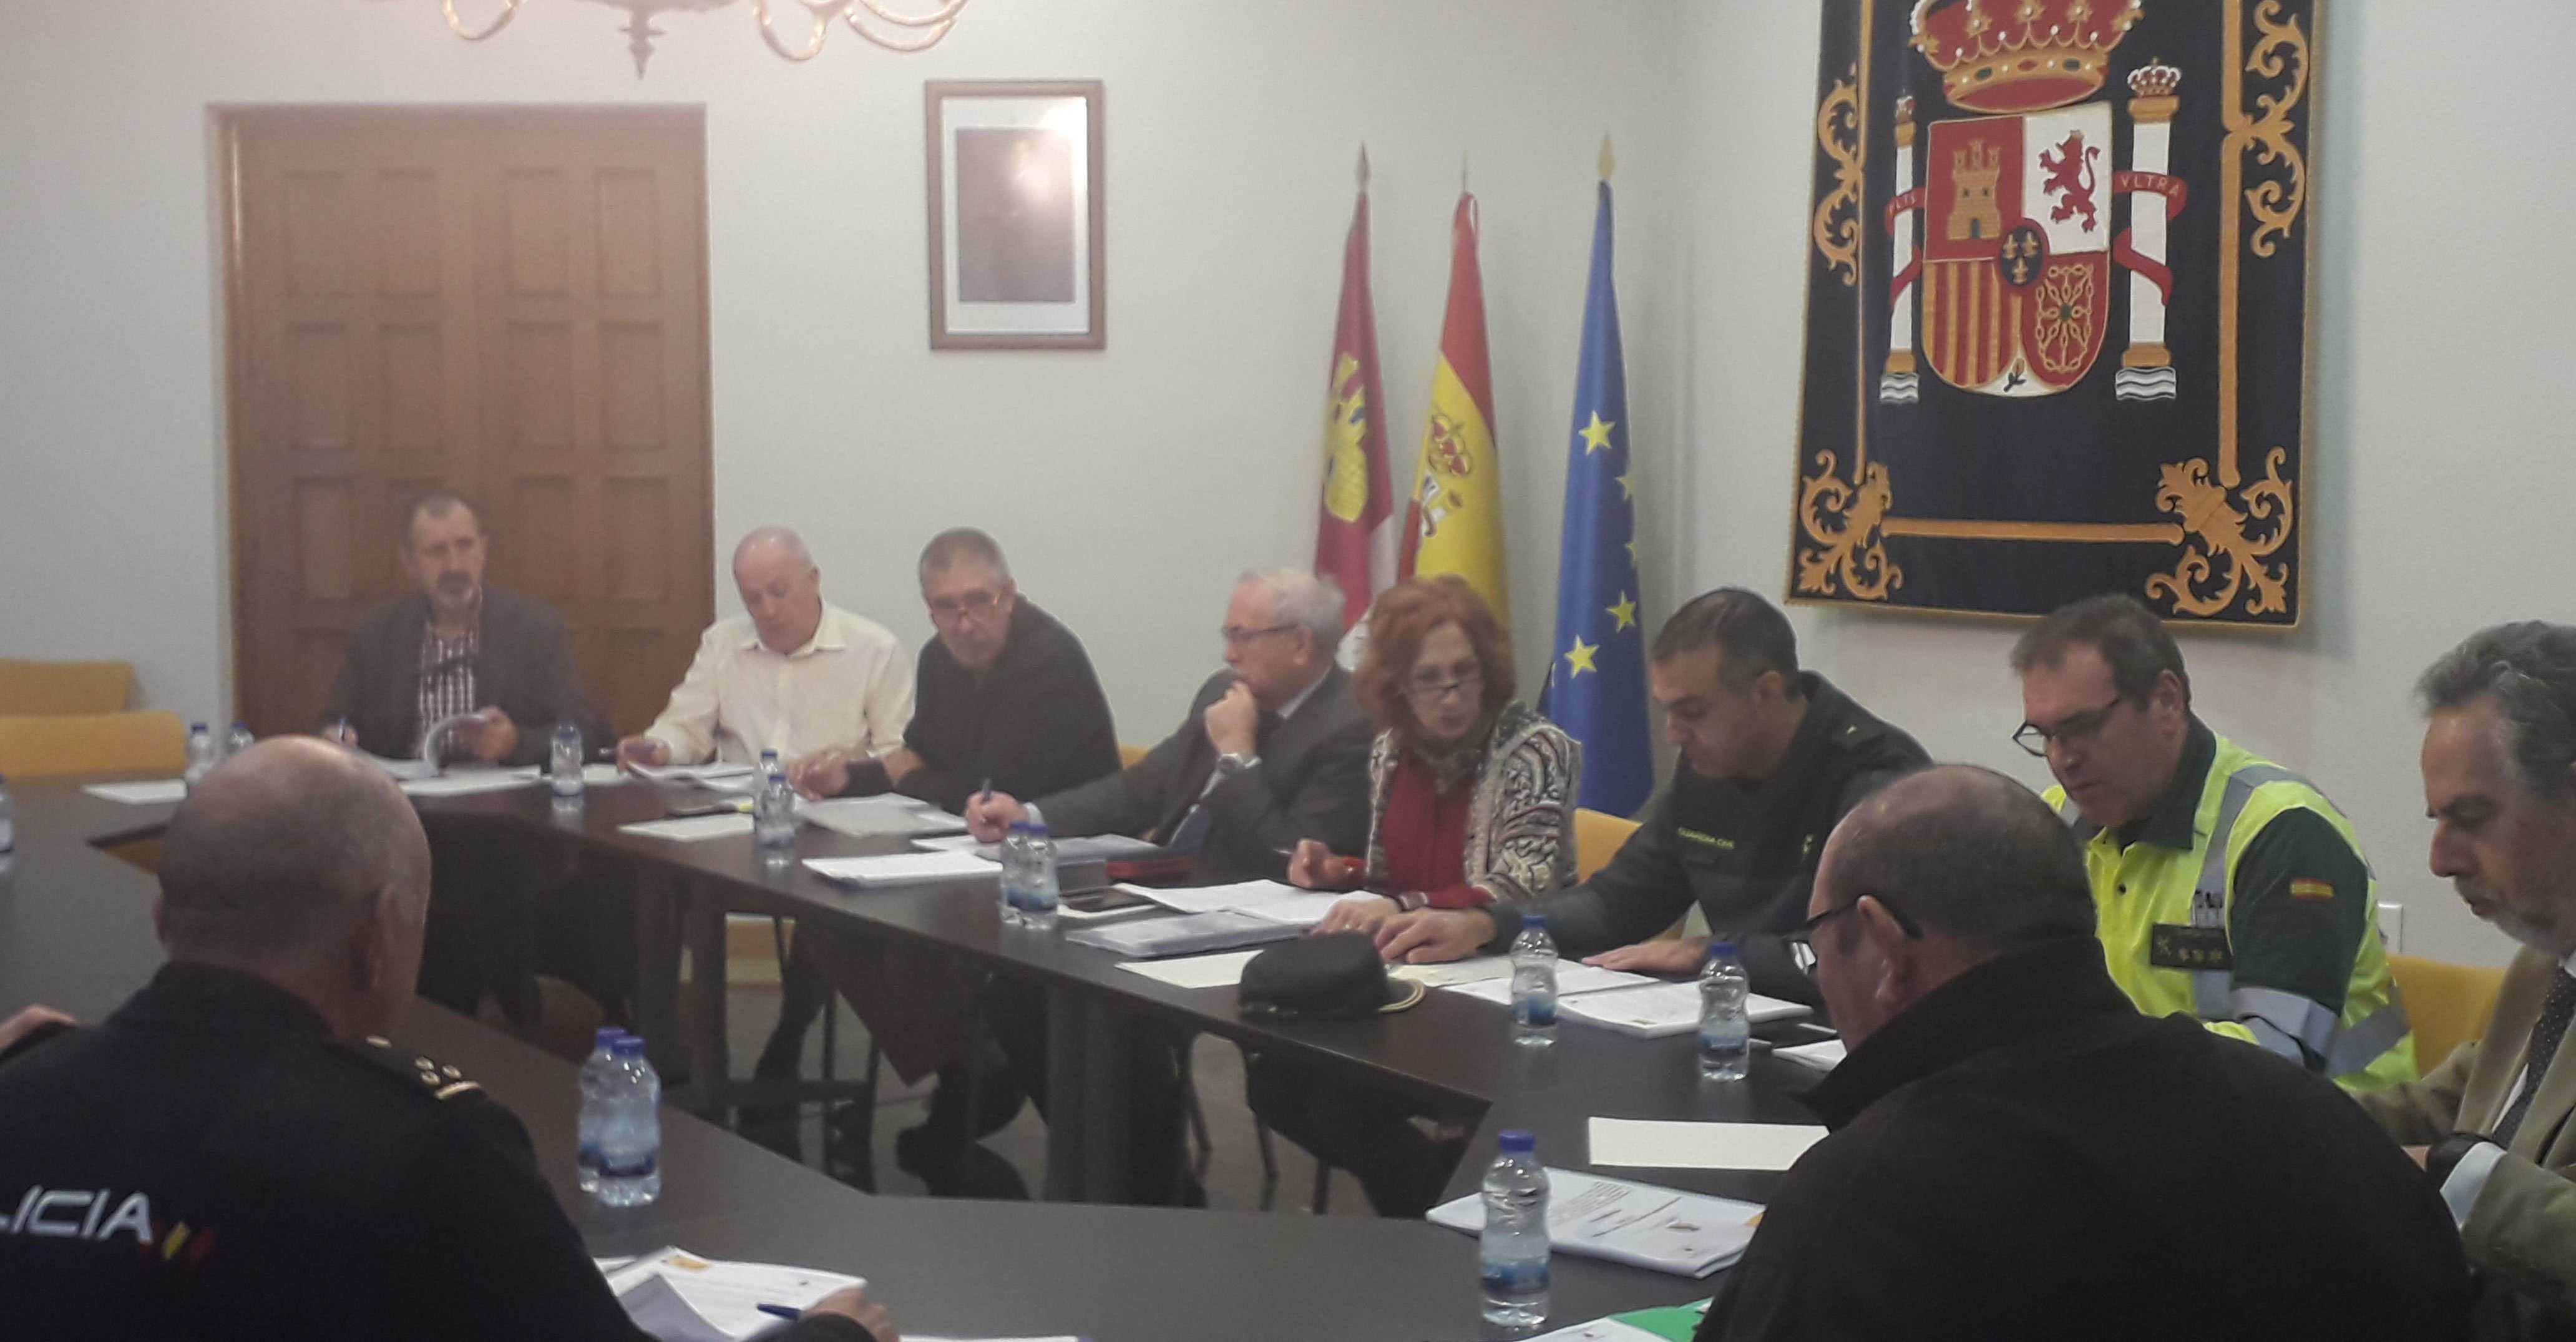 La subdelegada del Gobierno en Ciudad Real presenta el Plan de Vialidad invernal 2019/2020 para la provincia